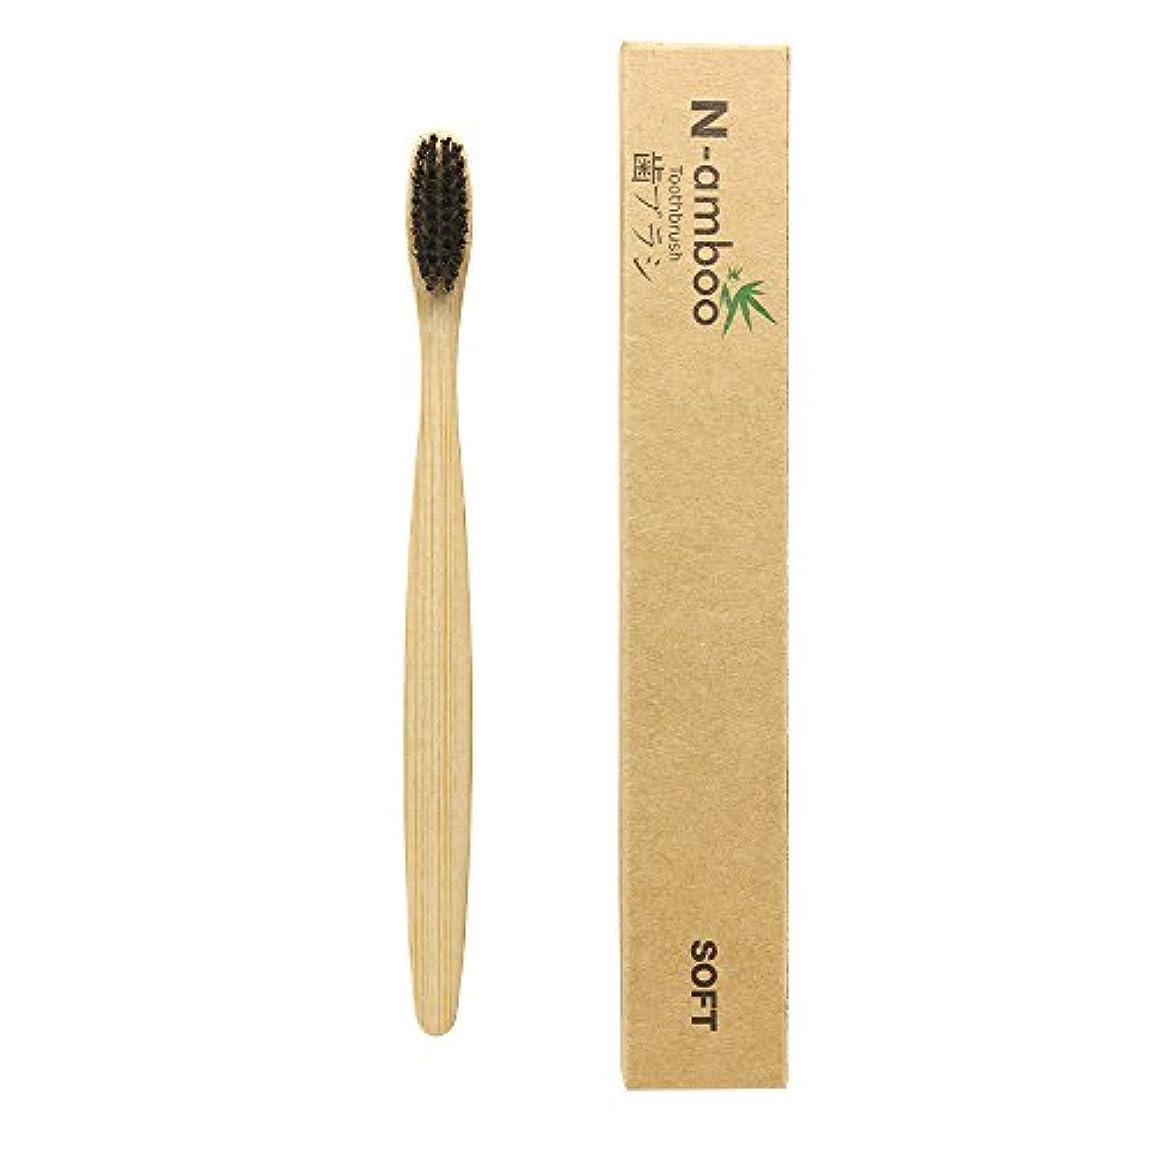 冷える影スカウトN-amboo 歯ブラシ 1本入り 竹製 高耐久性 黒 エコ